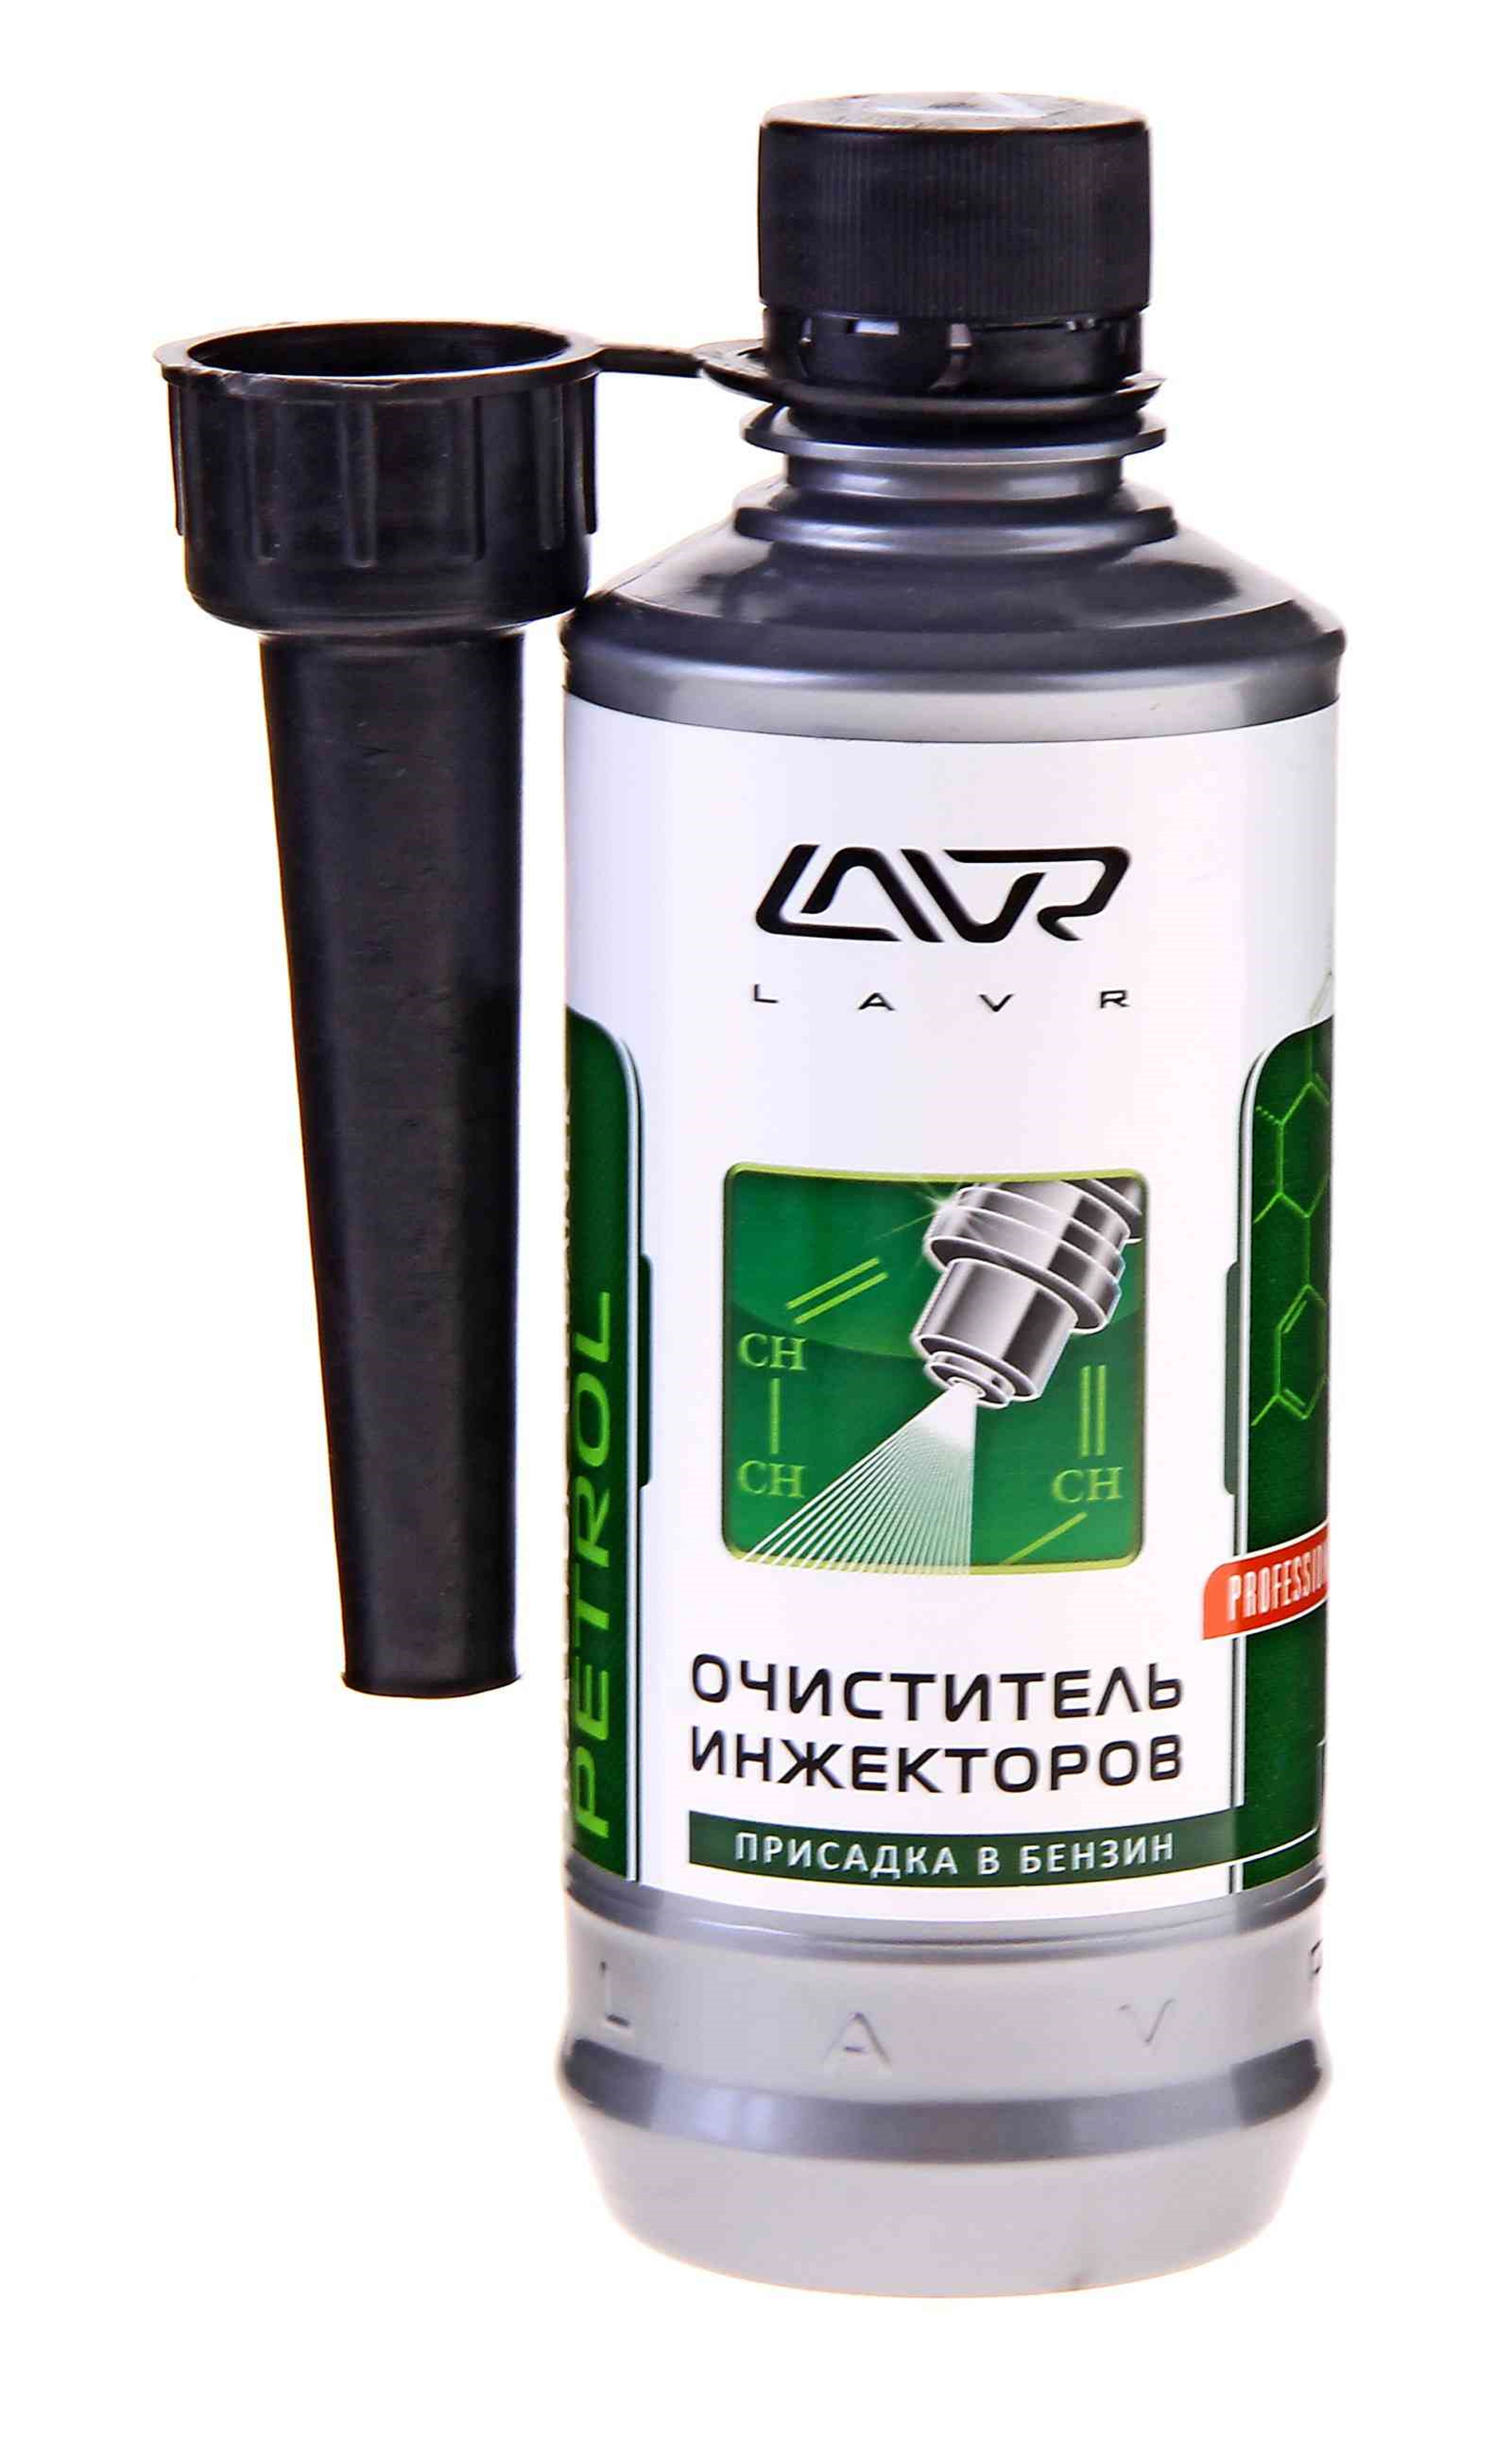 очиститель инжекторов присадка в бензин на 40-60л с насадкой 310мл